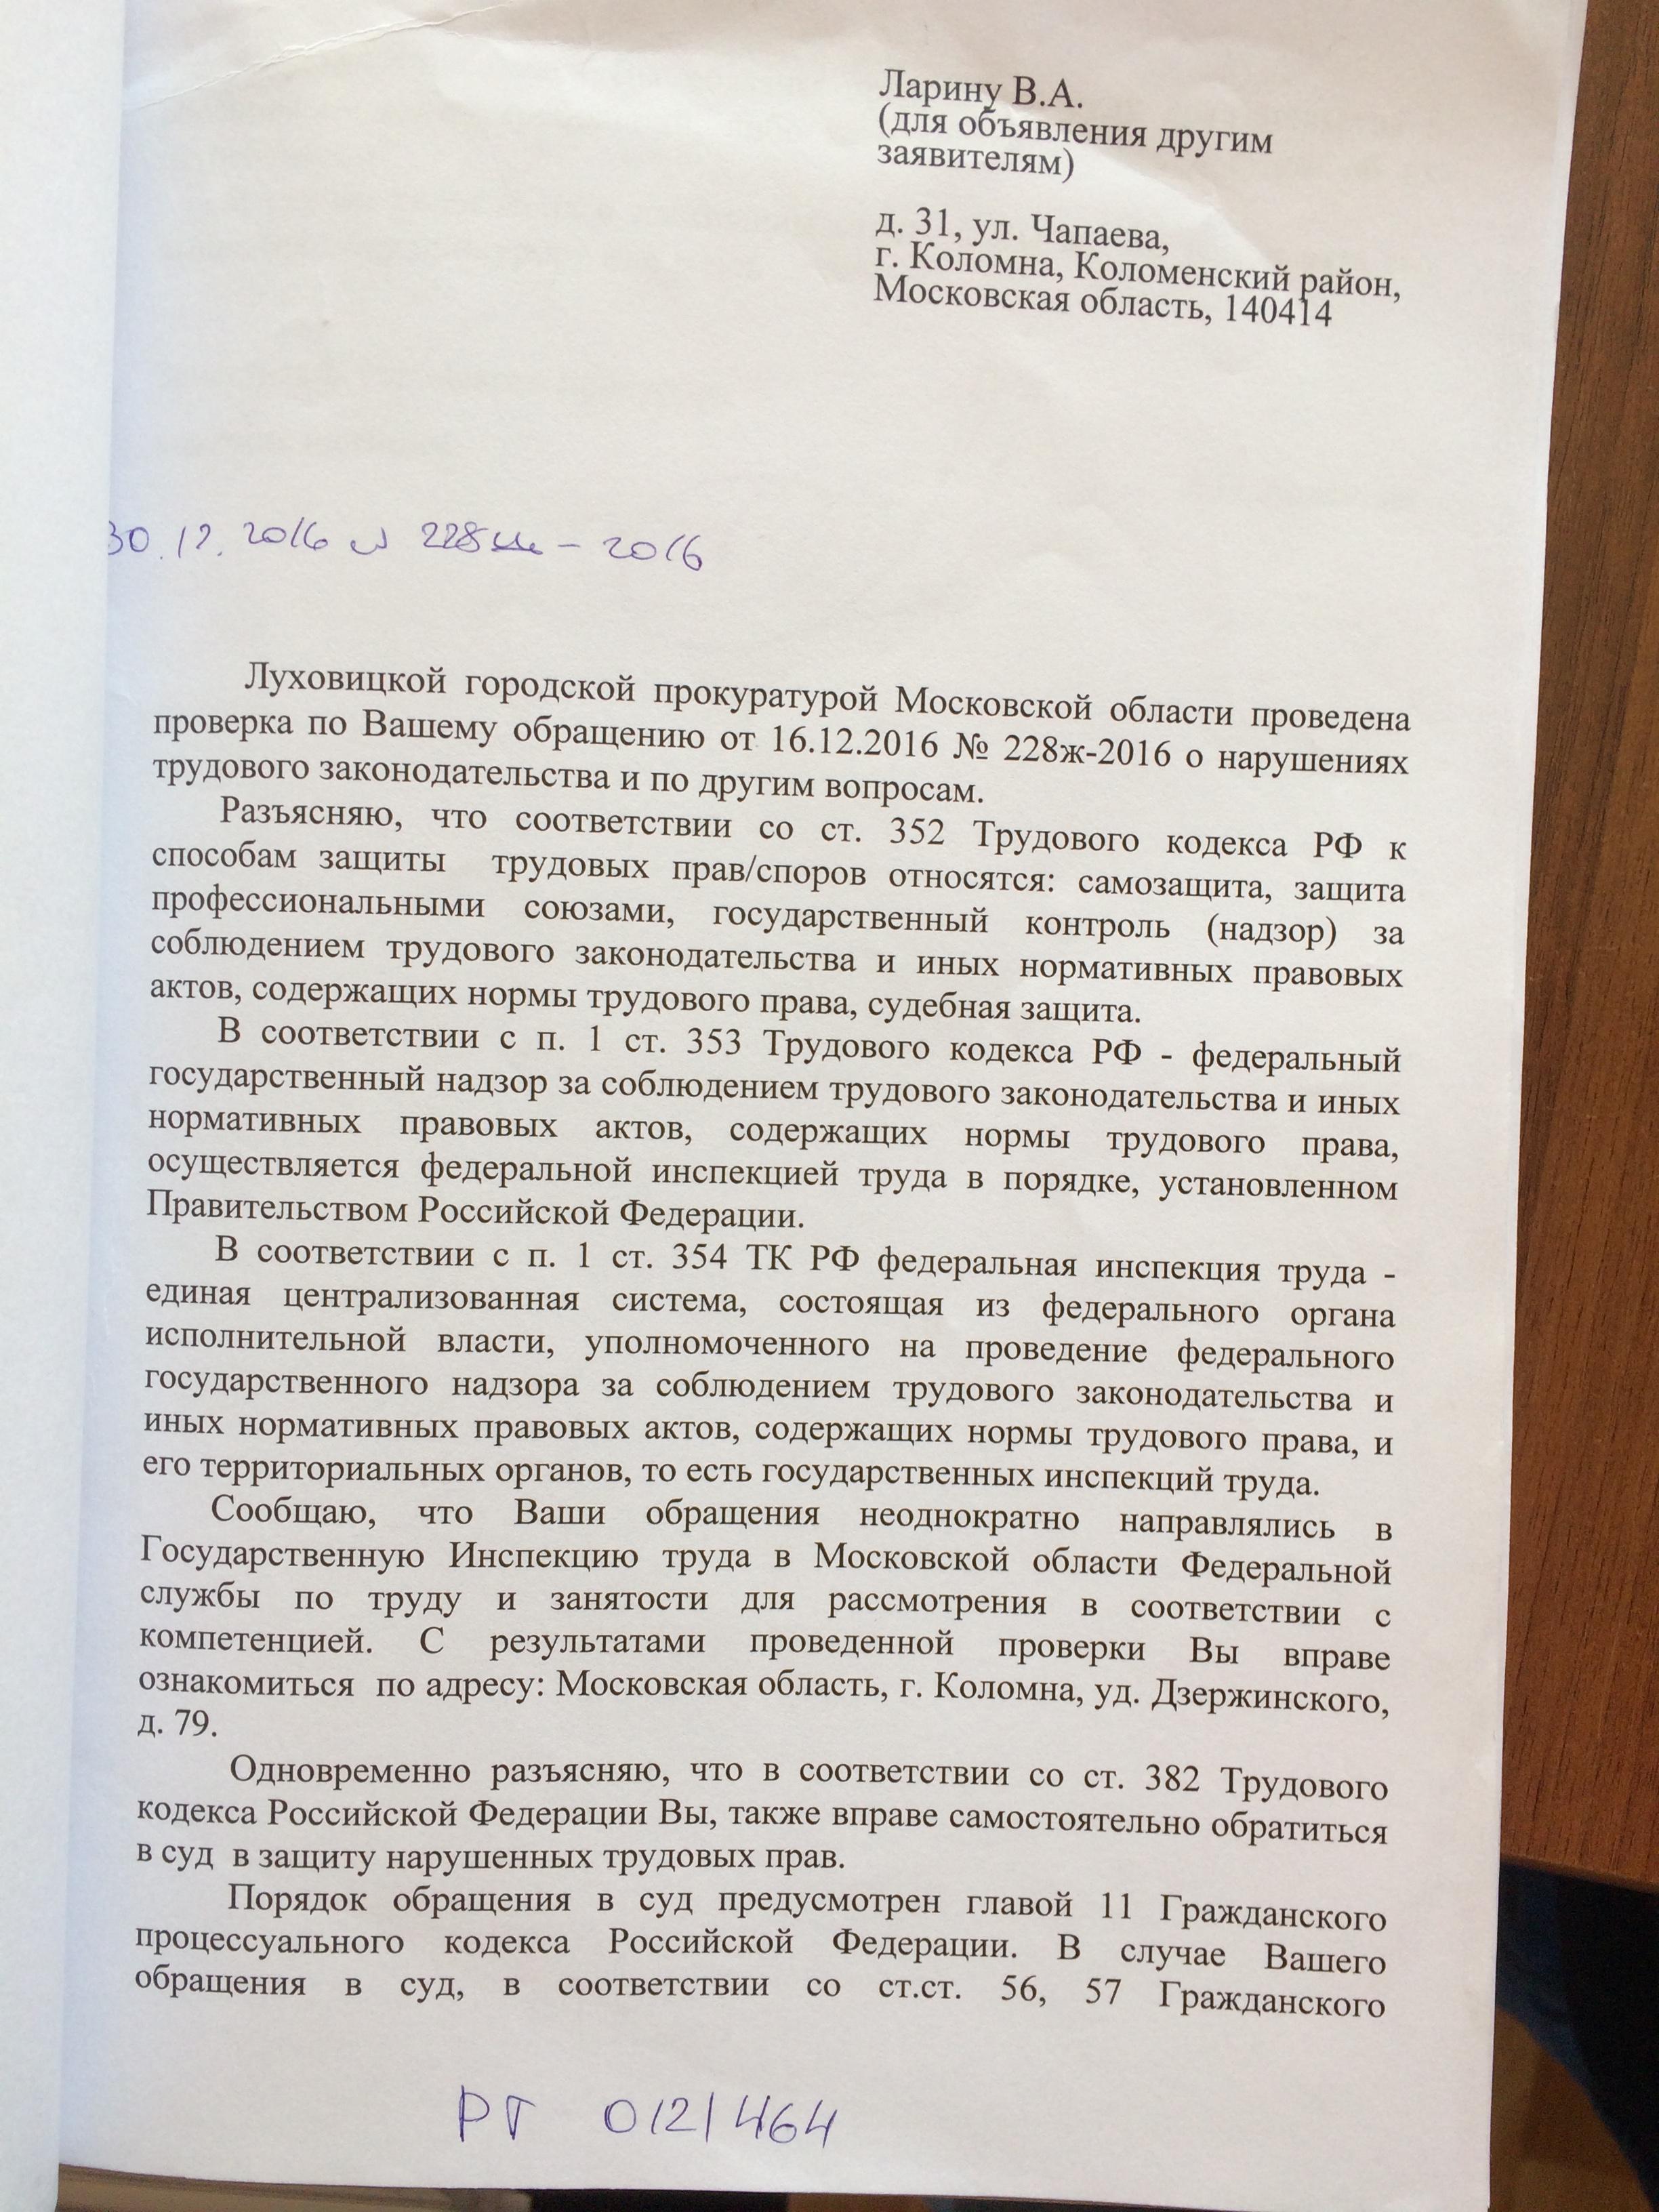 Фото документов проверки Луховицкой городской прокуратурой - 1 (5)